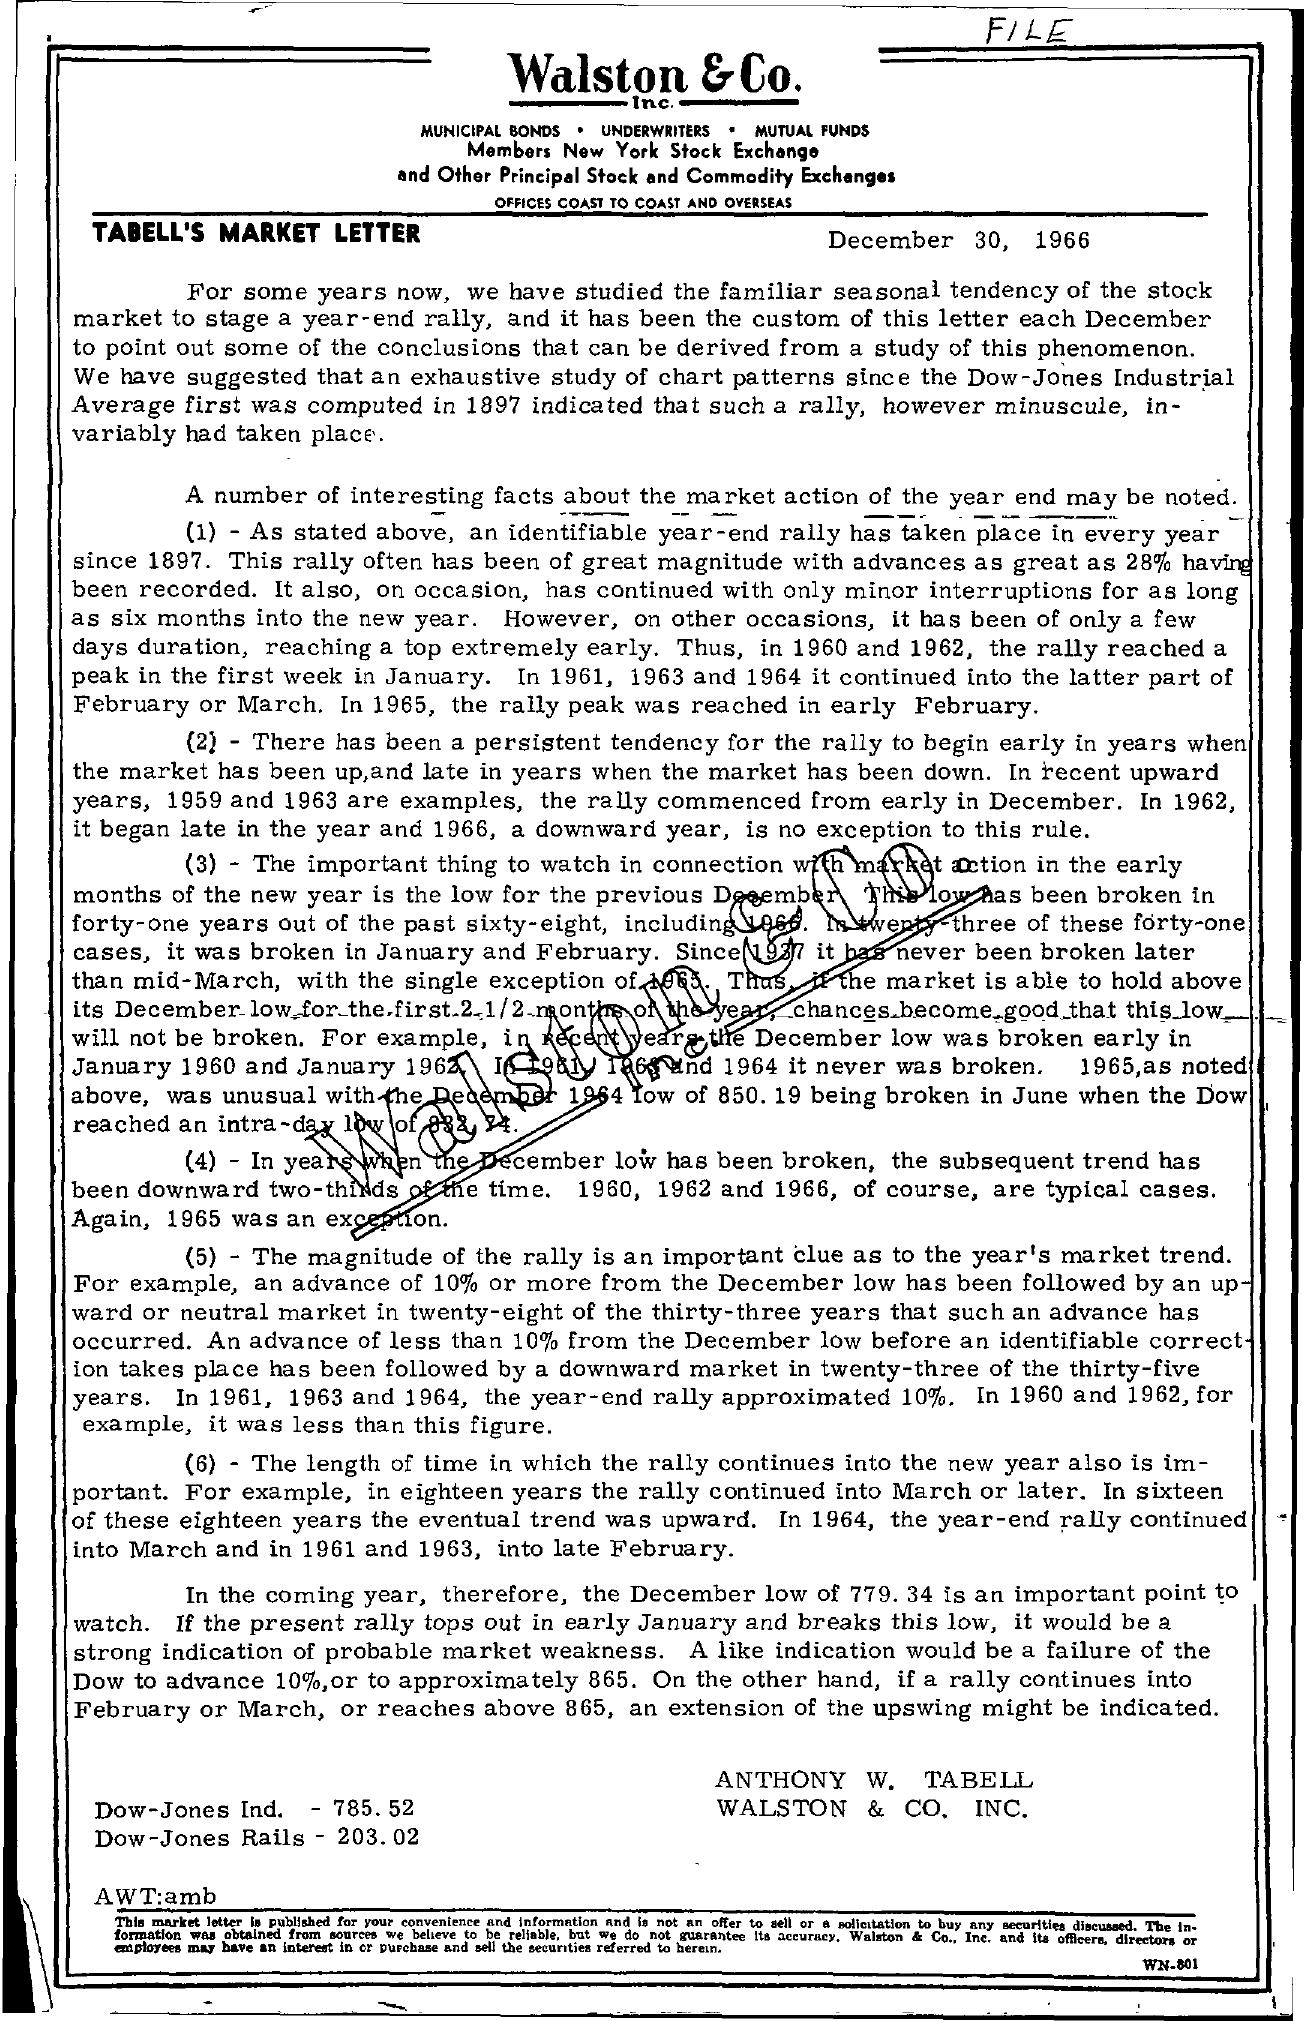 Tabell's Market Letter - December 30, 1966